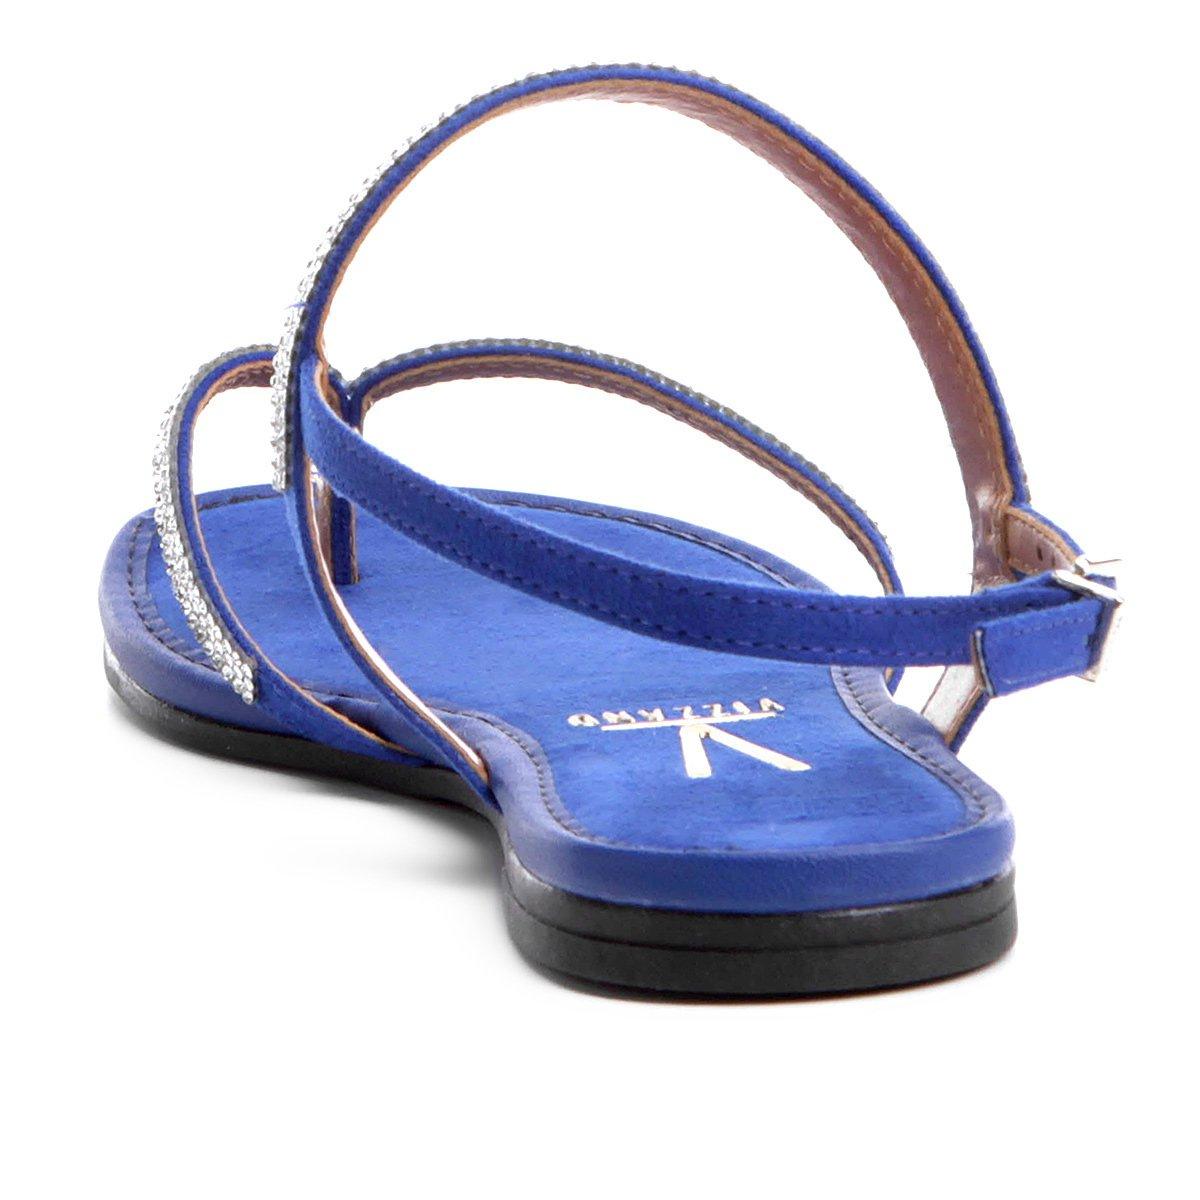 Azul Strass Vizzano Rasteira Rasteira Royal Vizzano Tira Tira Royal Vizzano Azul Rasteira Strass RvYqHP